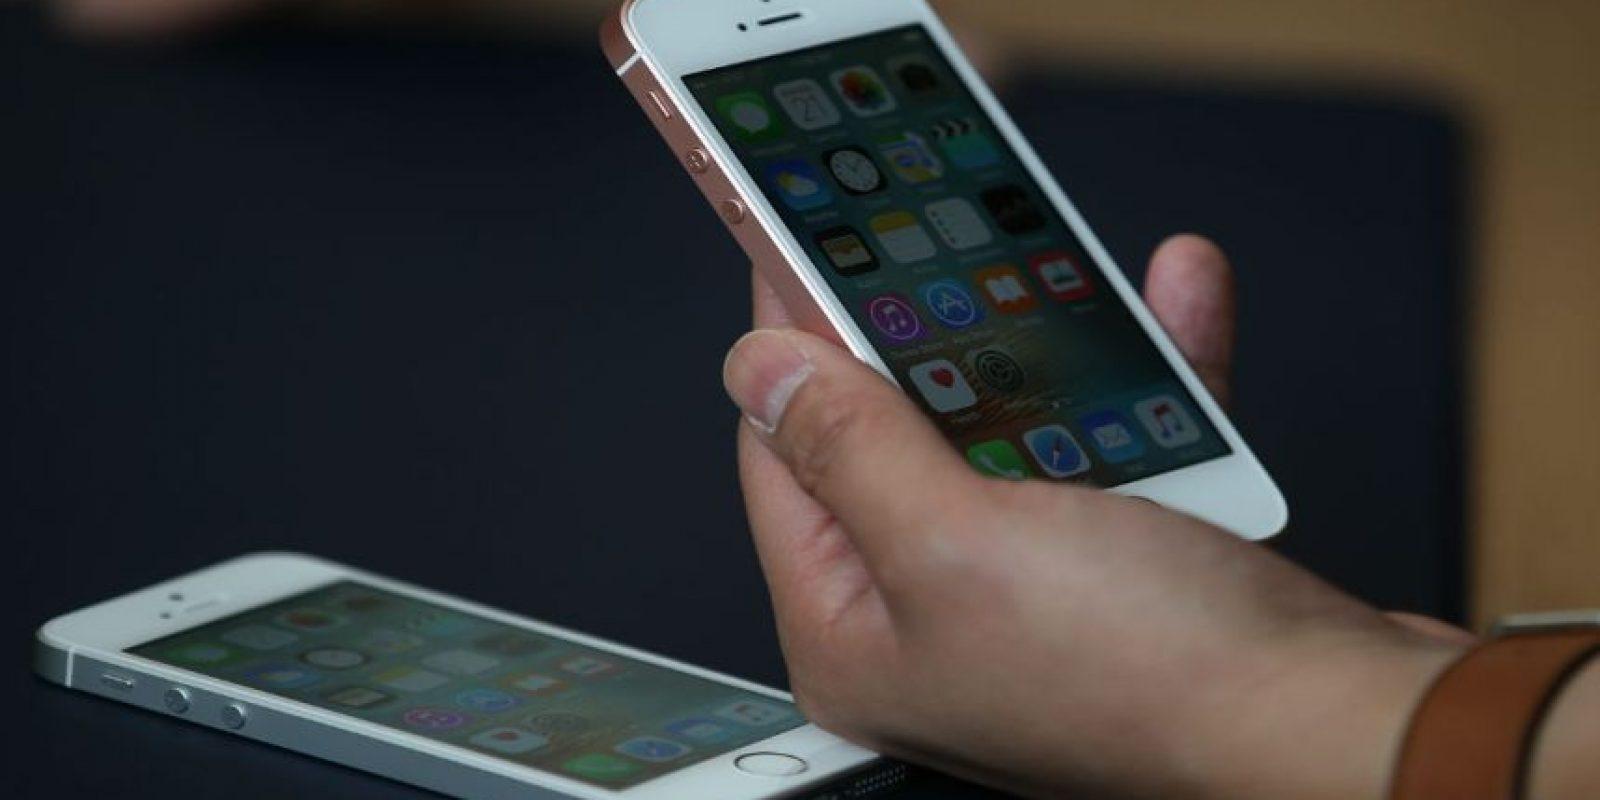 Los iPhone son los teléfonos más vendidos a nivel mundial. Foto:Getty Images. Imagen Por: